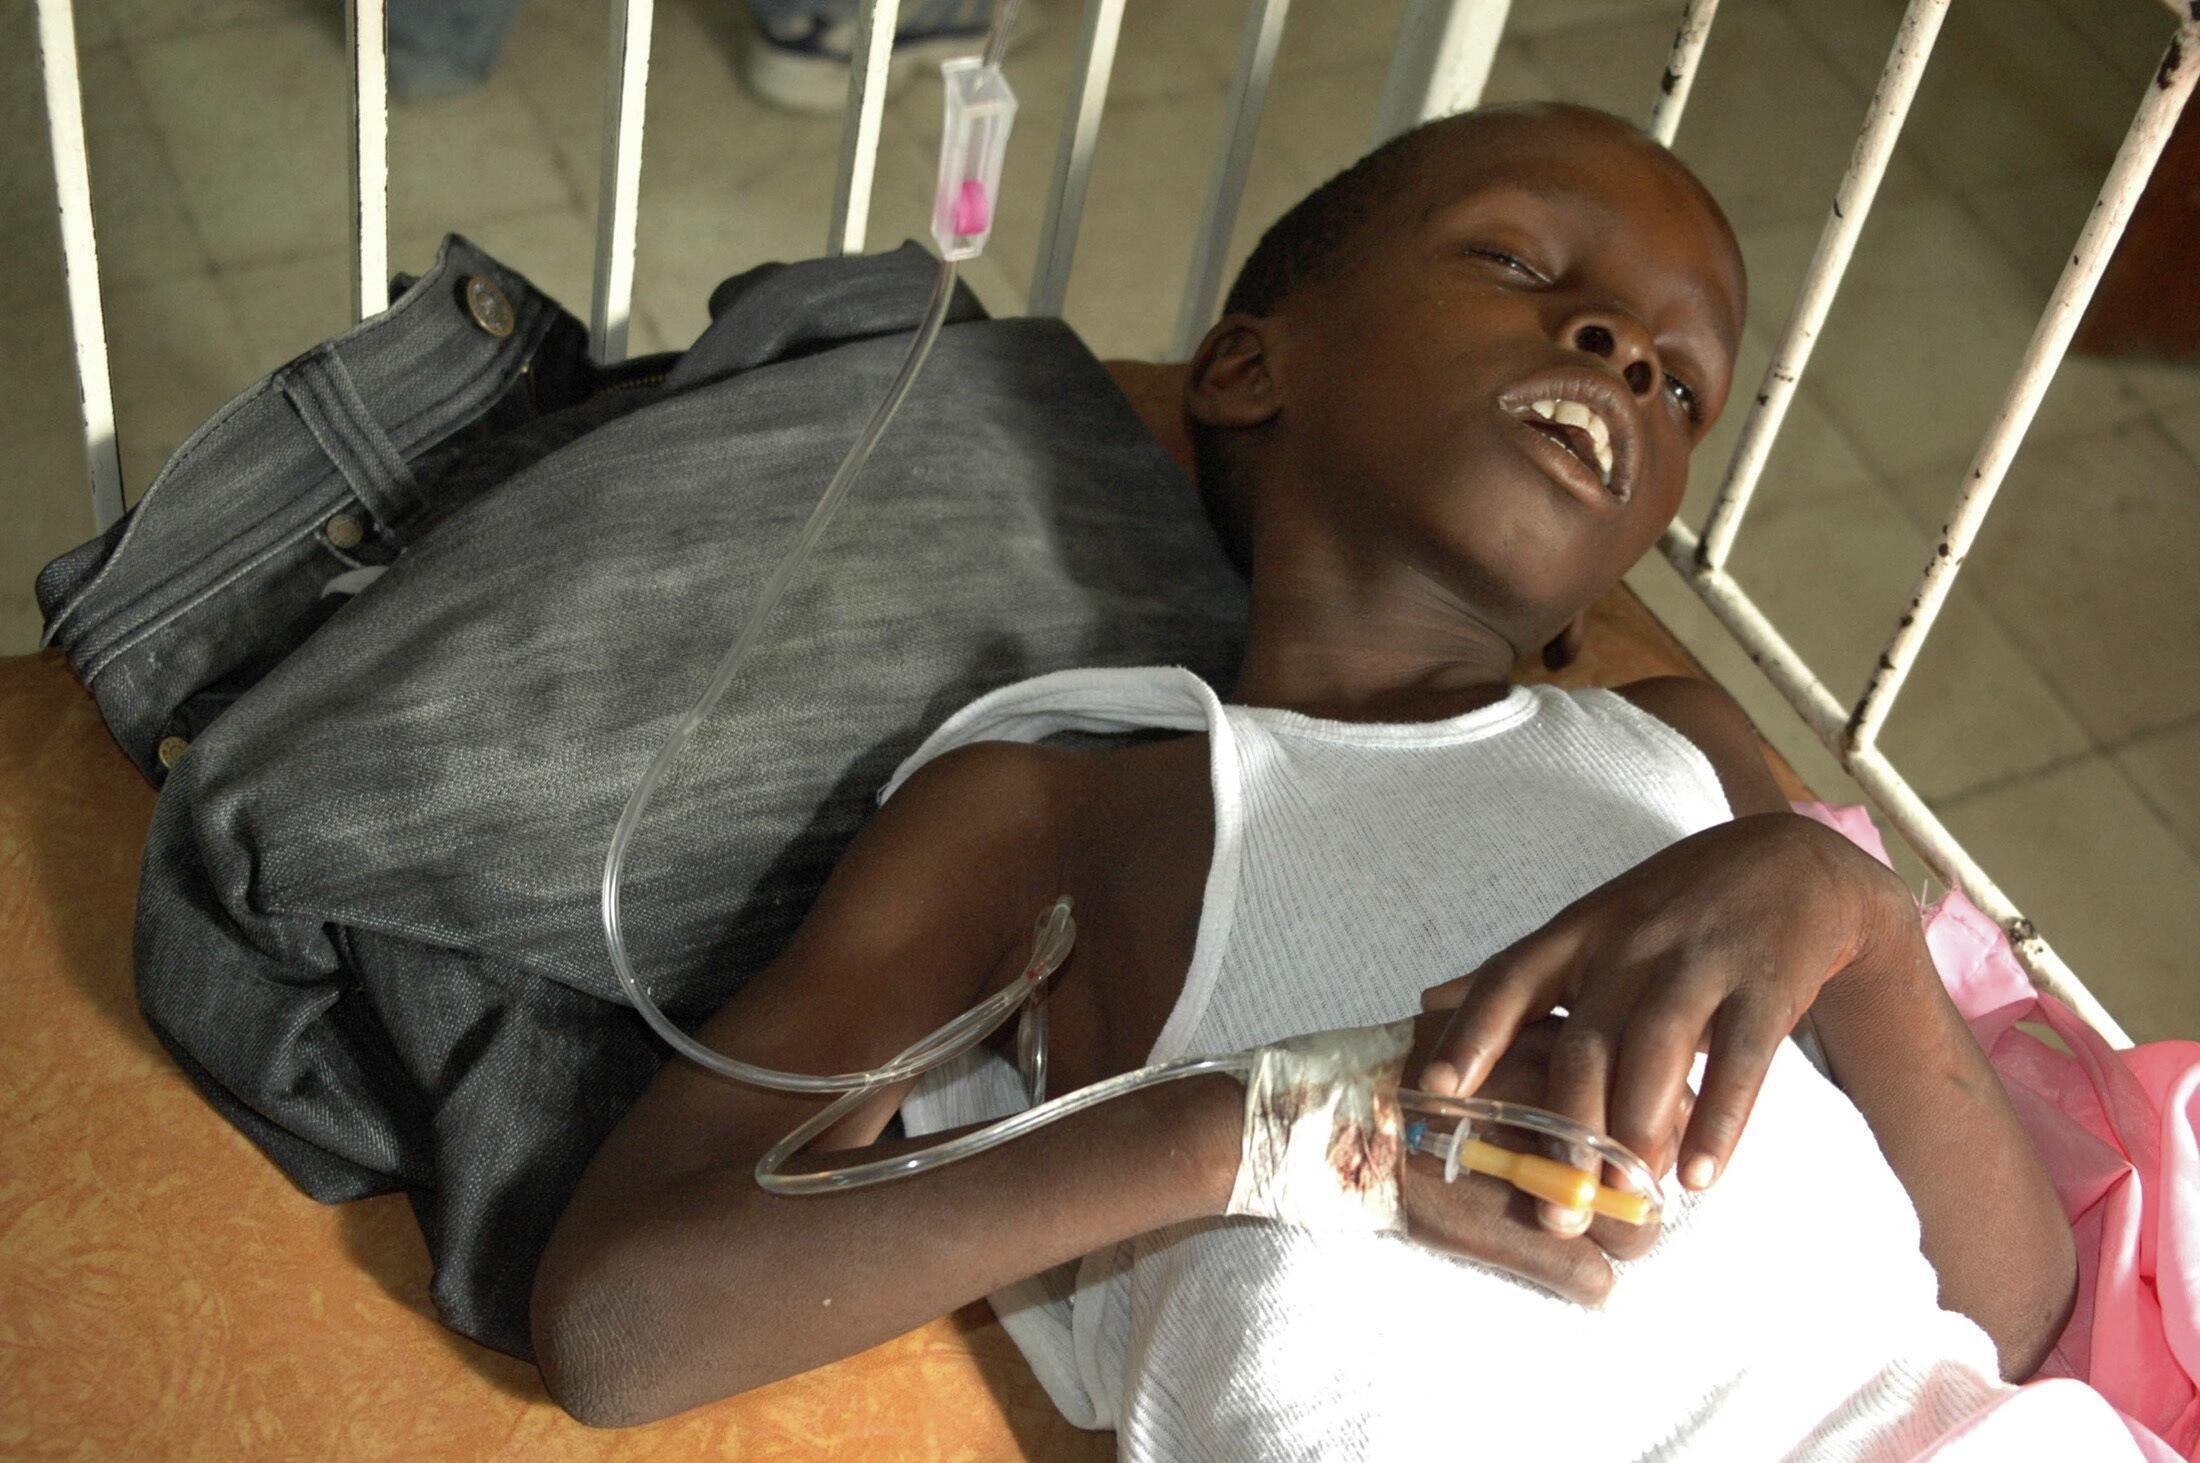 飽受霍亂之苦的海地兒童